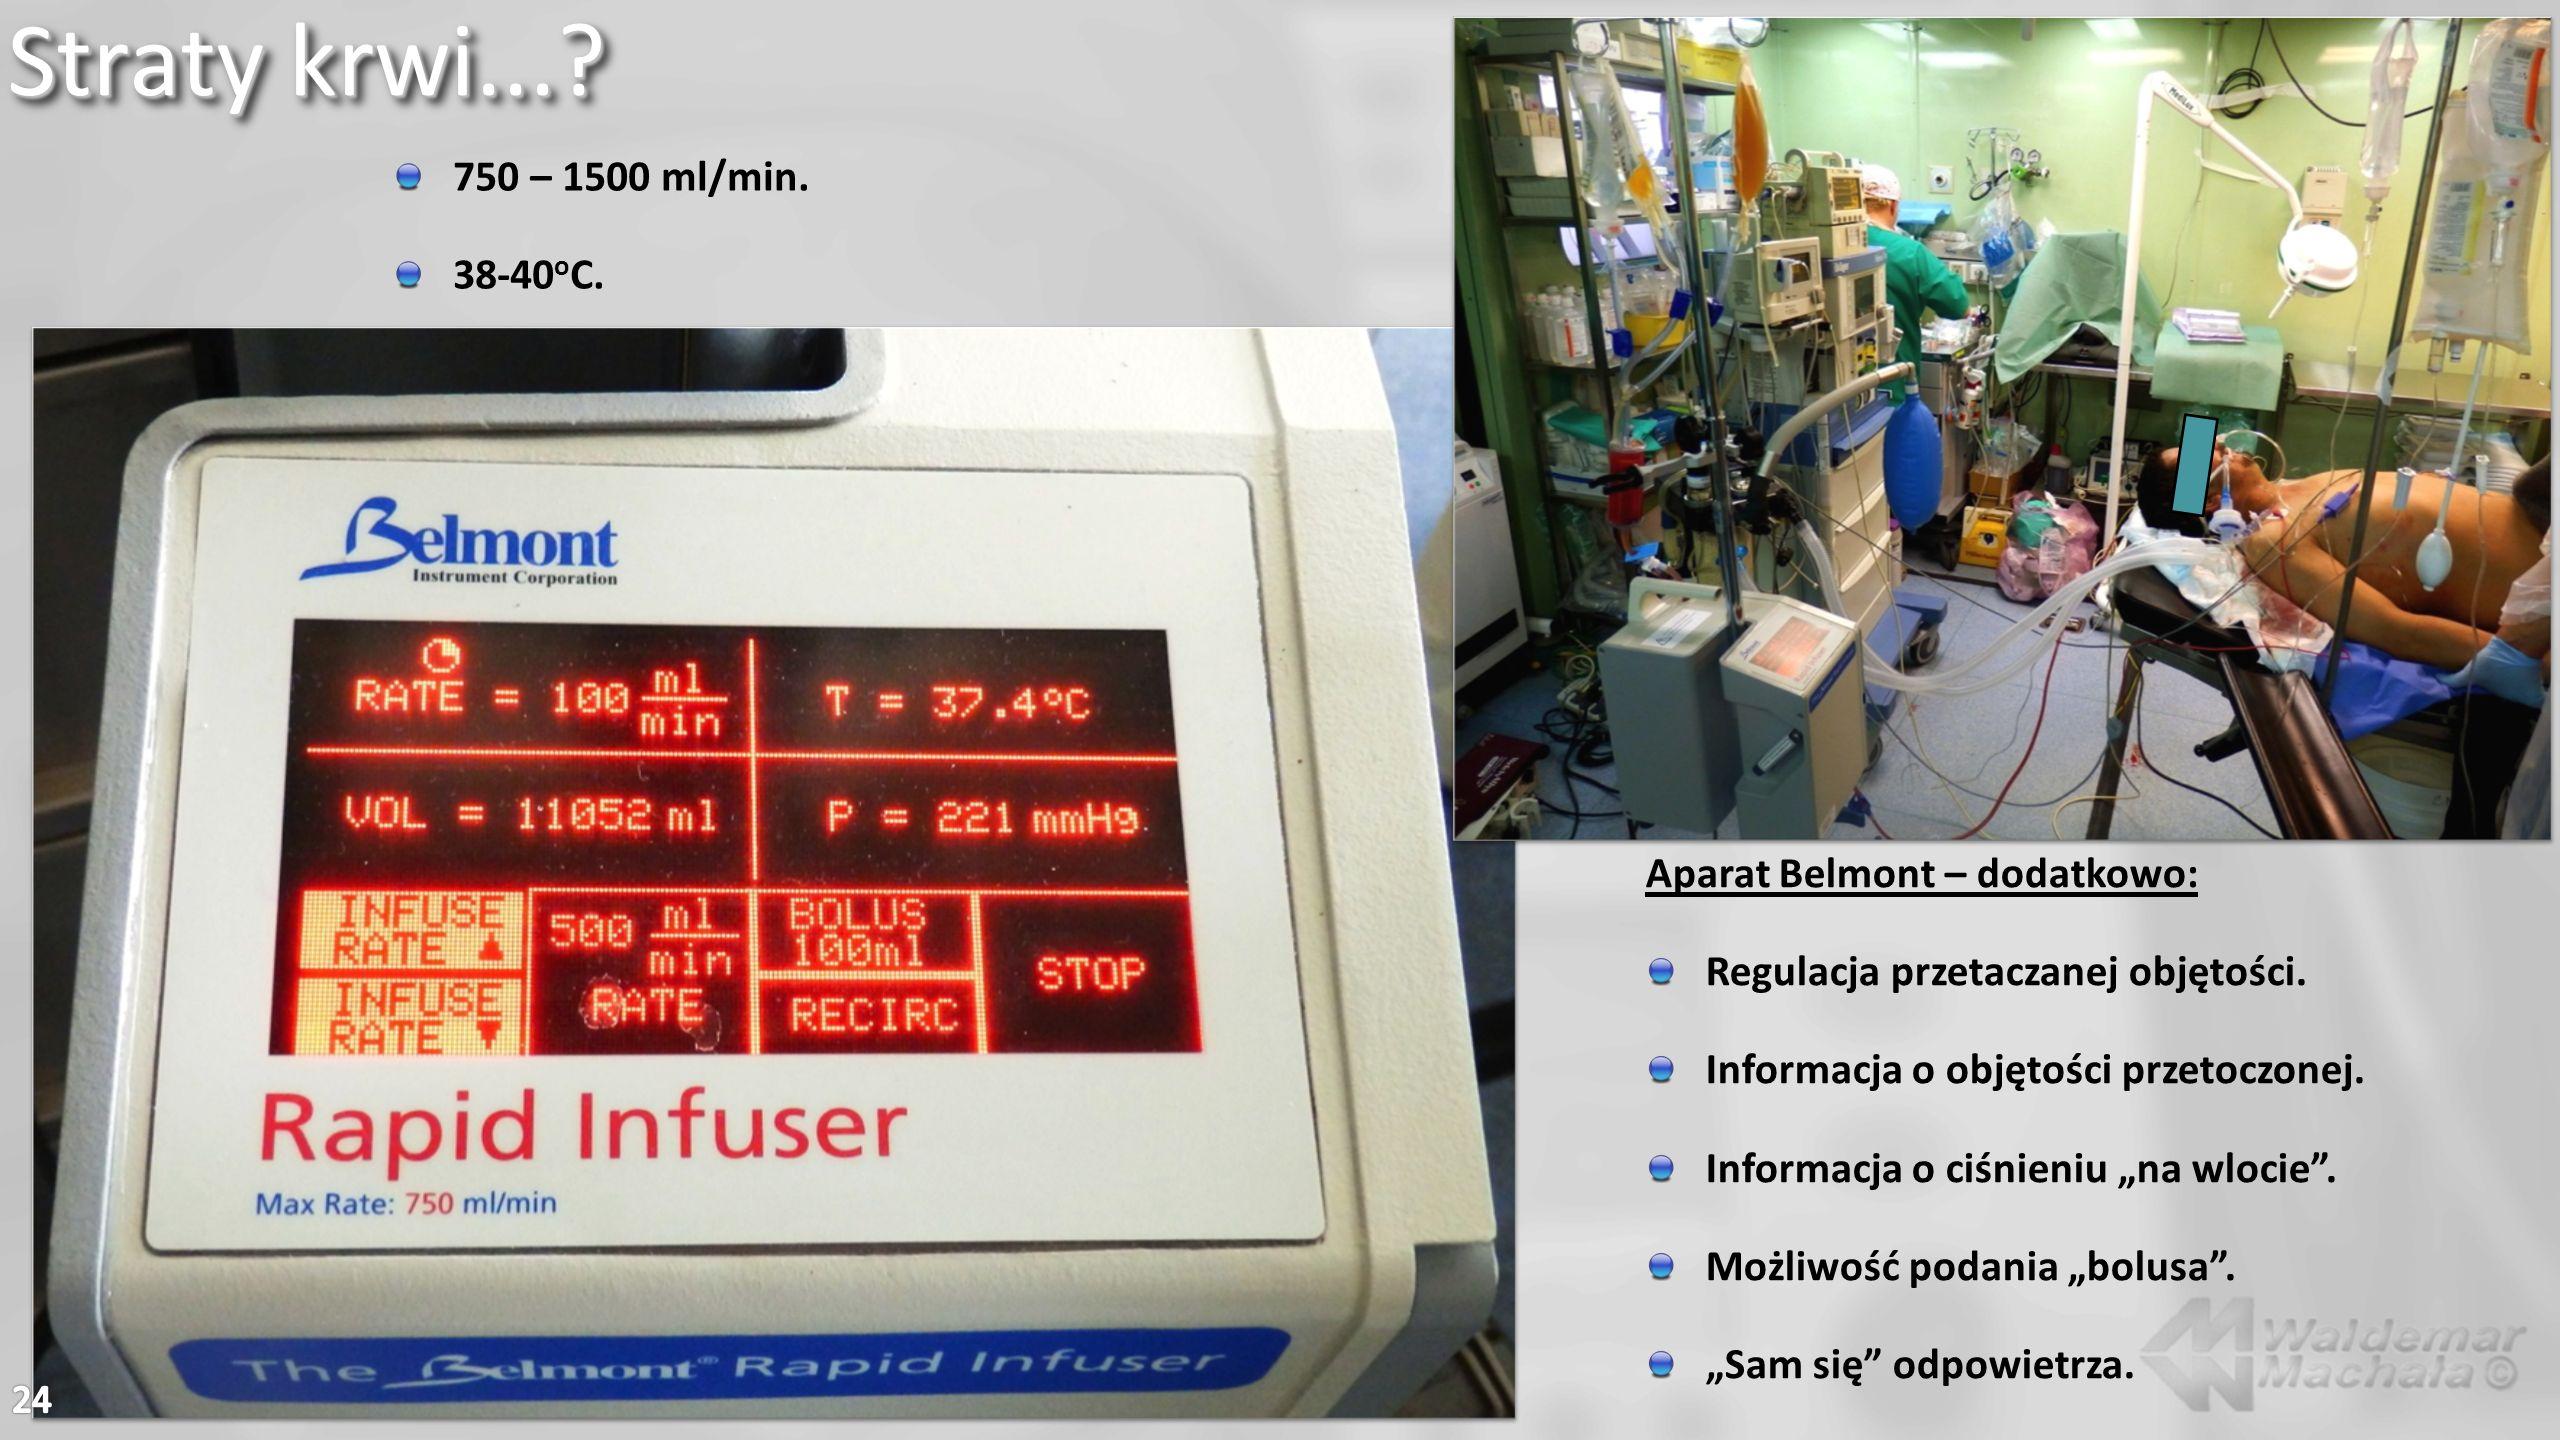 Straty krwi...? 750 – 1500 ml/min. 38-40 o C. Aparat Belmont – dodatkowo: Regulacja przetaczanej objętości. Informacja o objętości przetoczonej. Infor